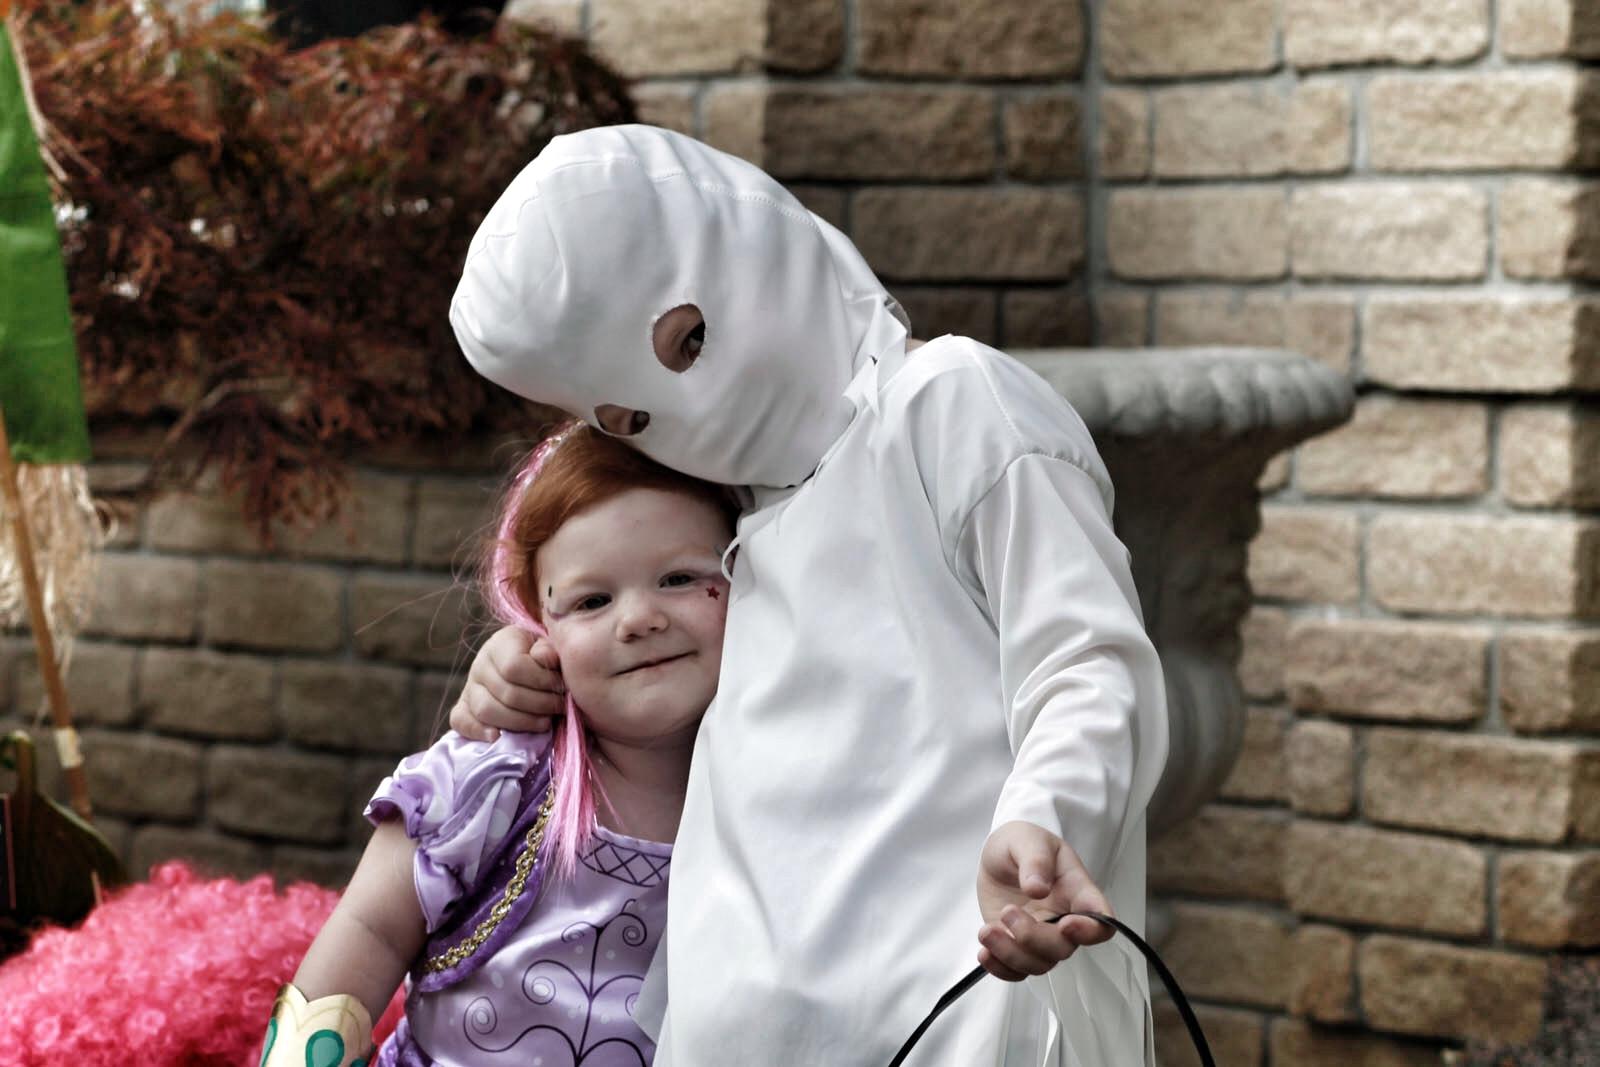 Shimmer genie costume kids Halloween